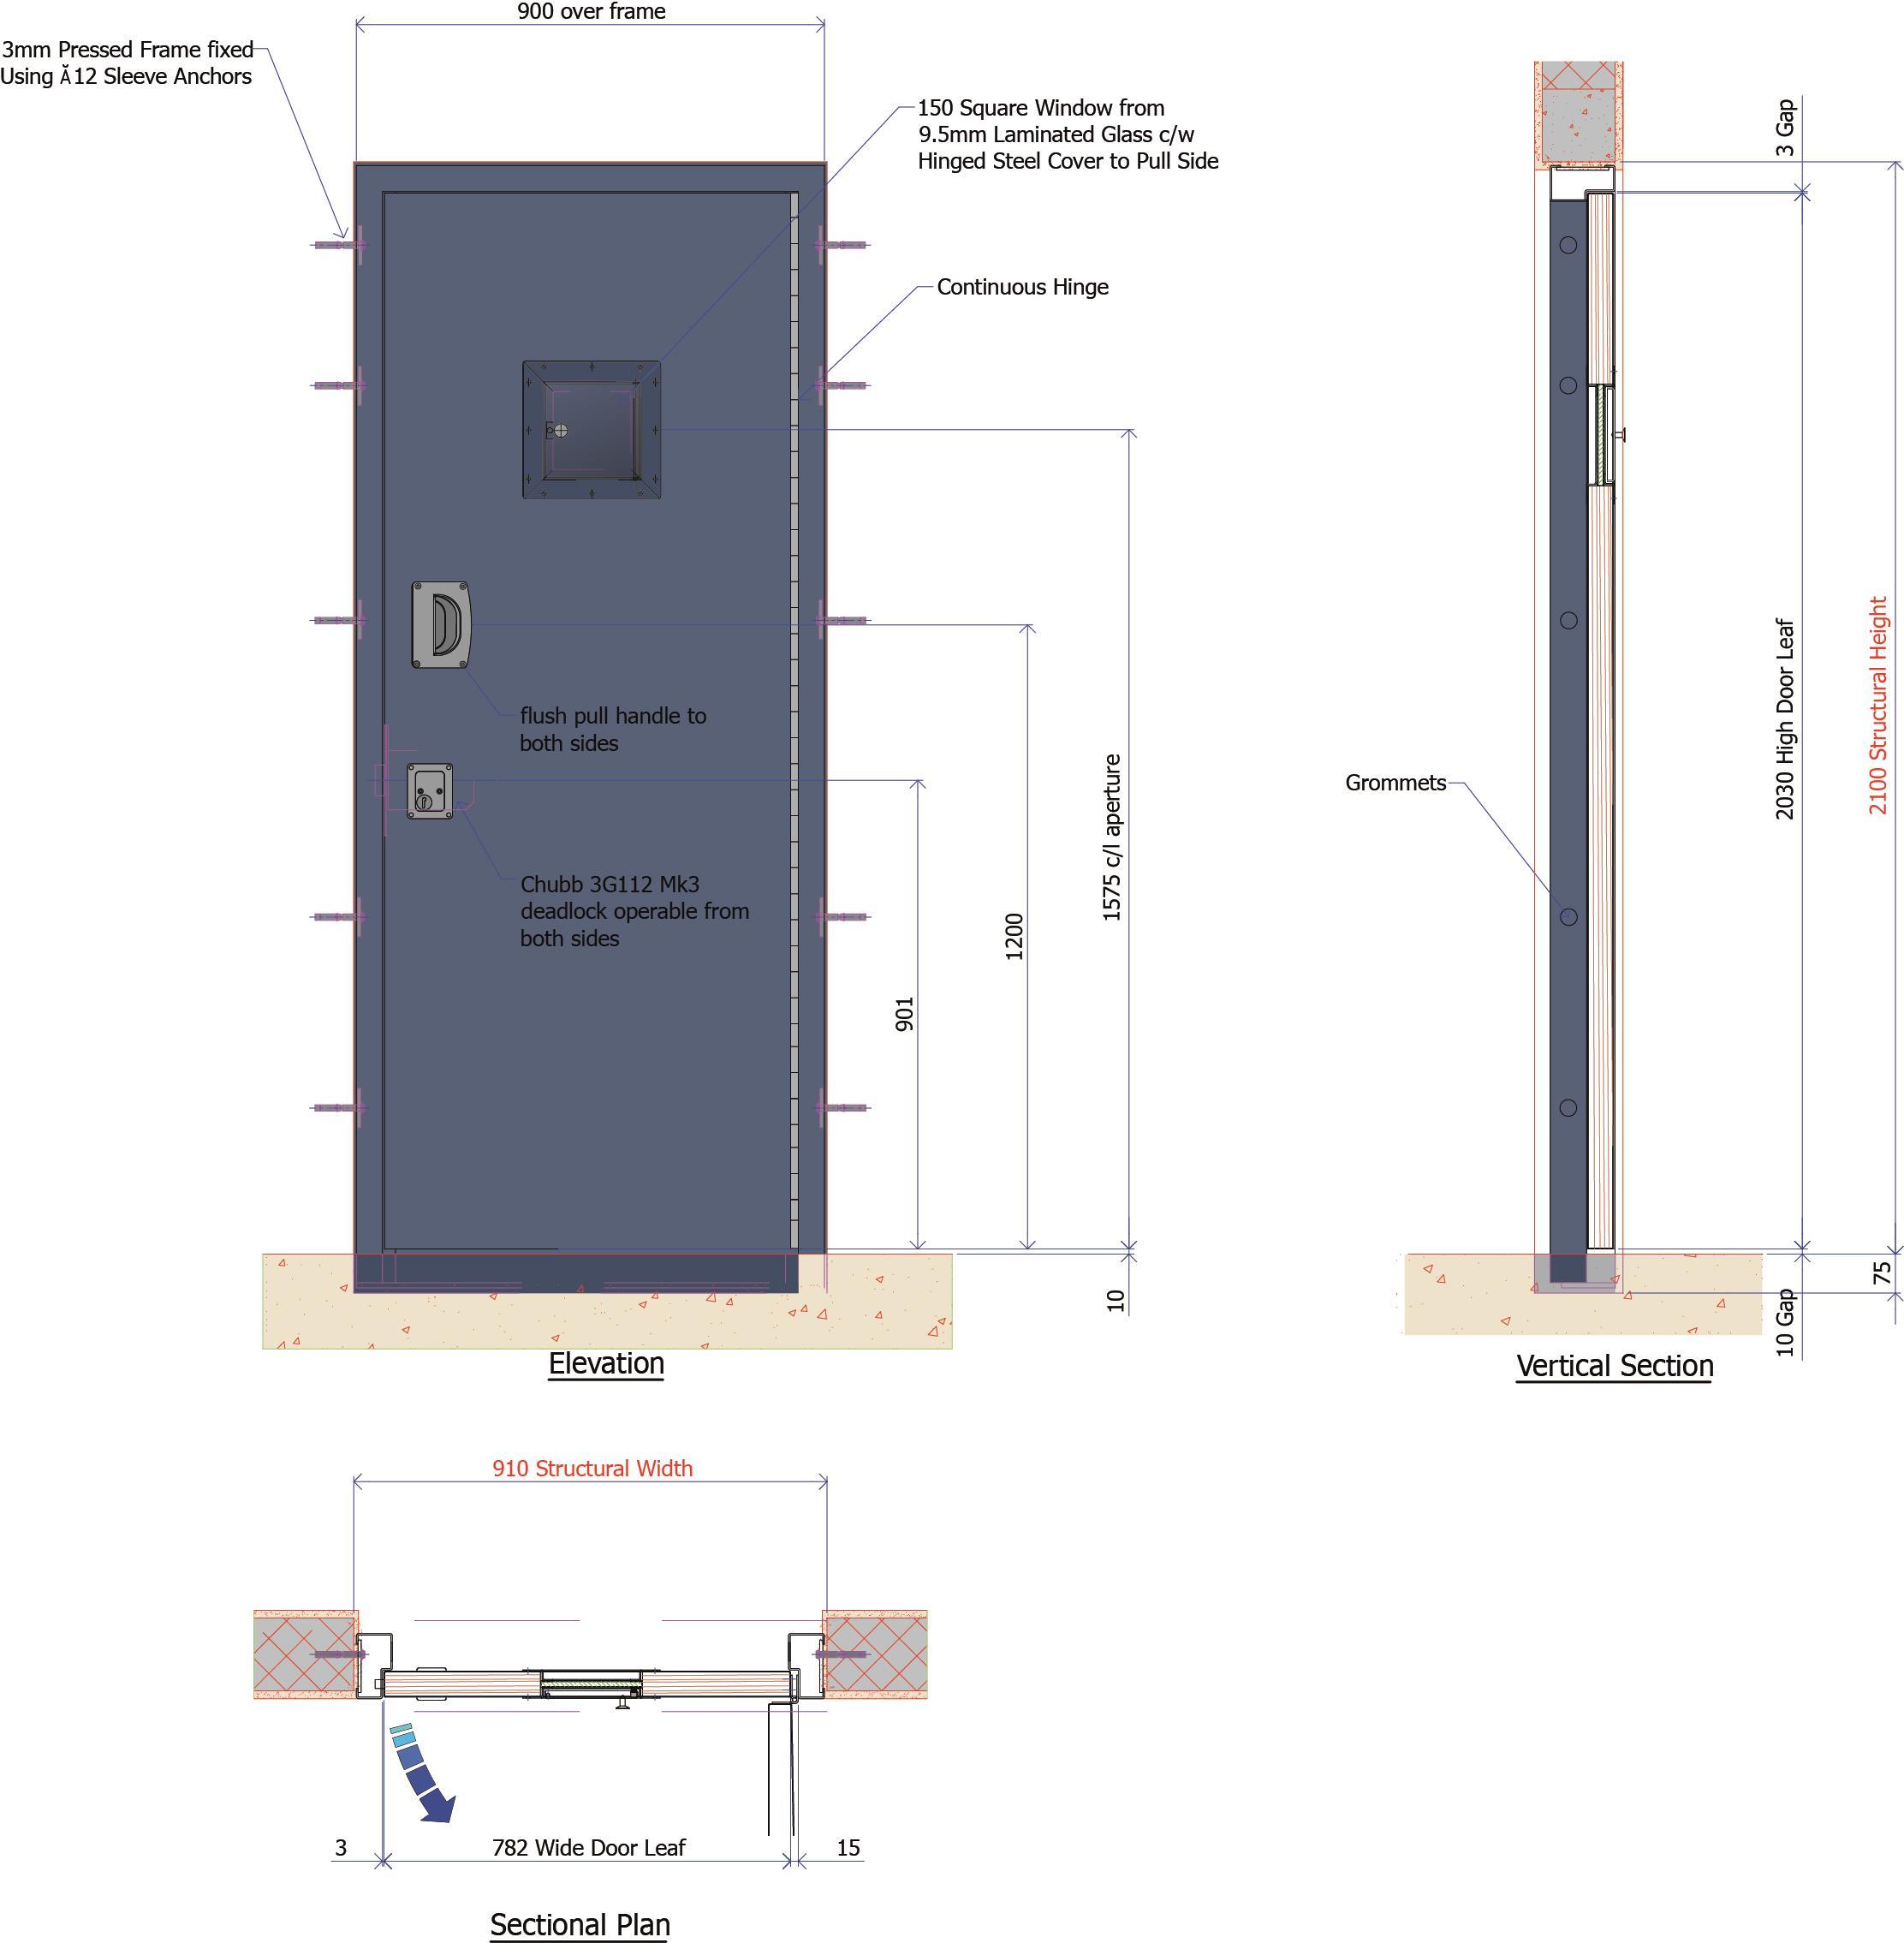 9D015B - Police Surgeon/Medical Room Door